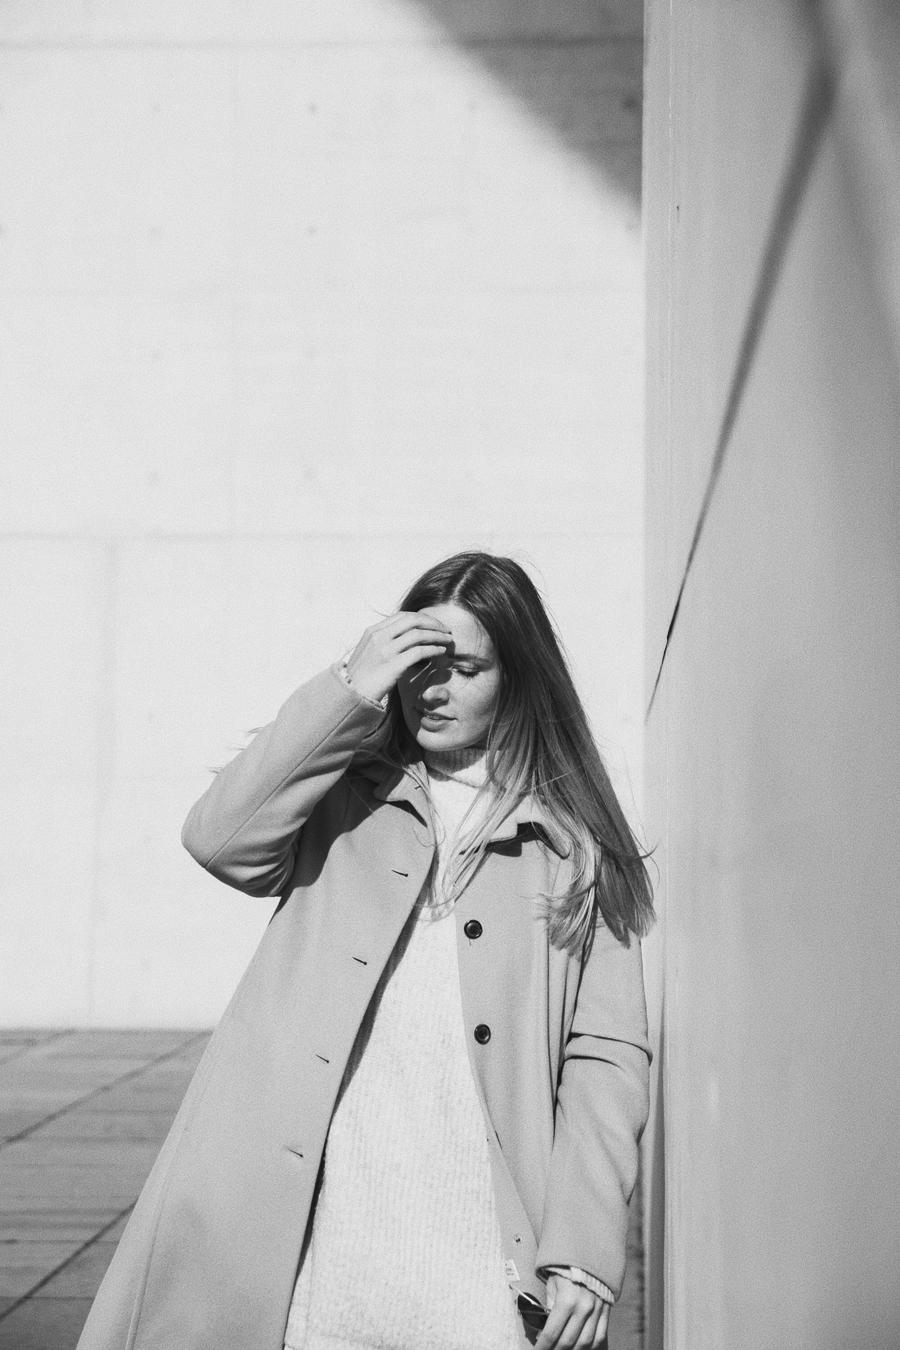 streetstyle-fashionblogger-camel-coat-romina-mey-head